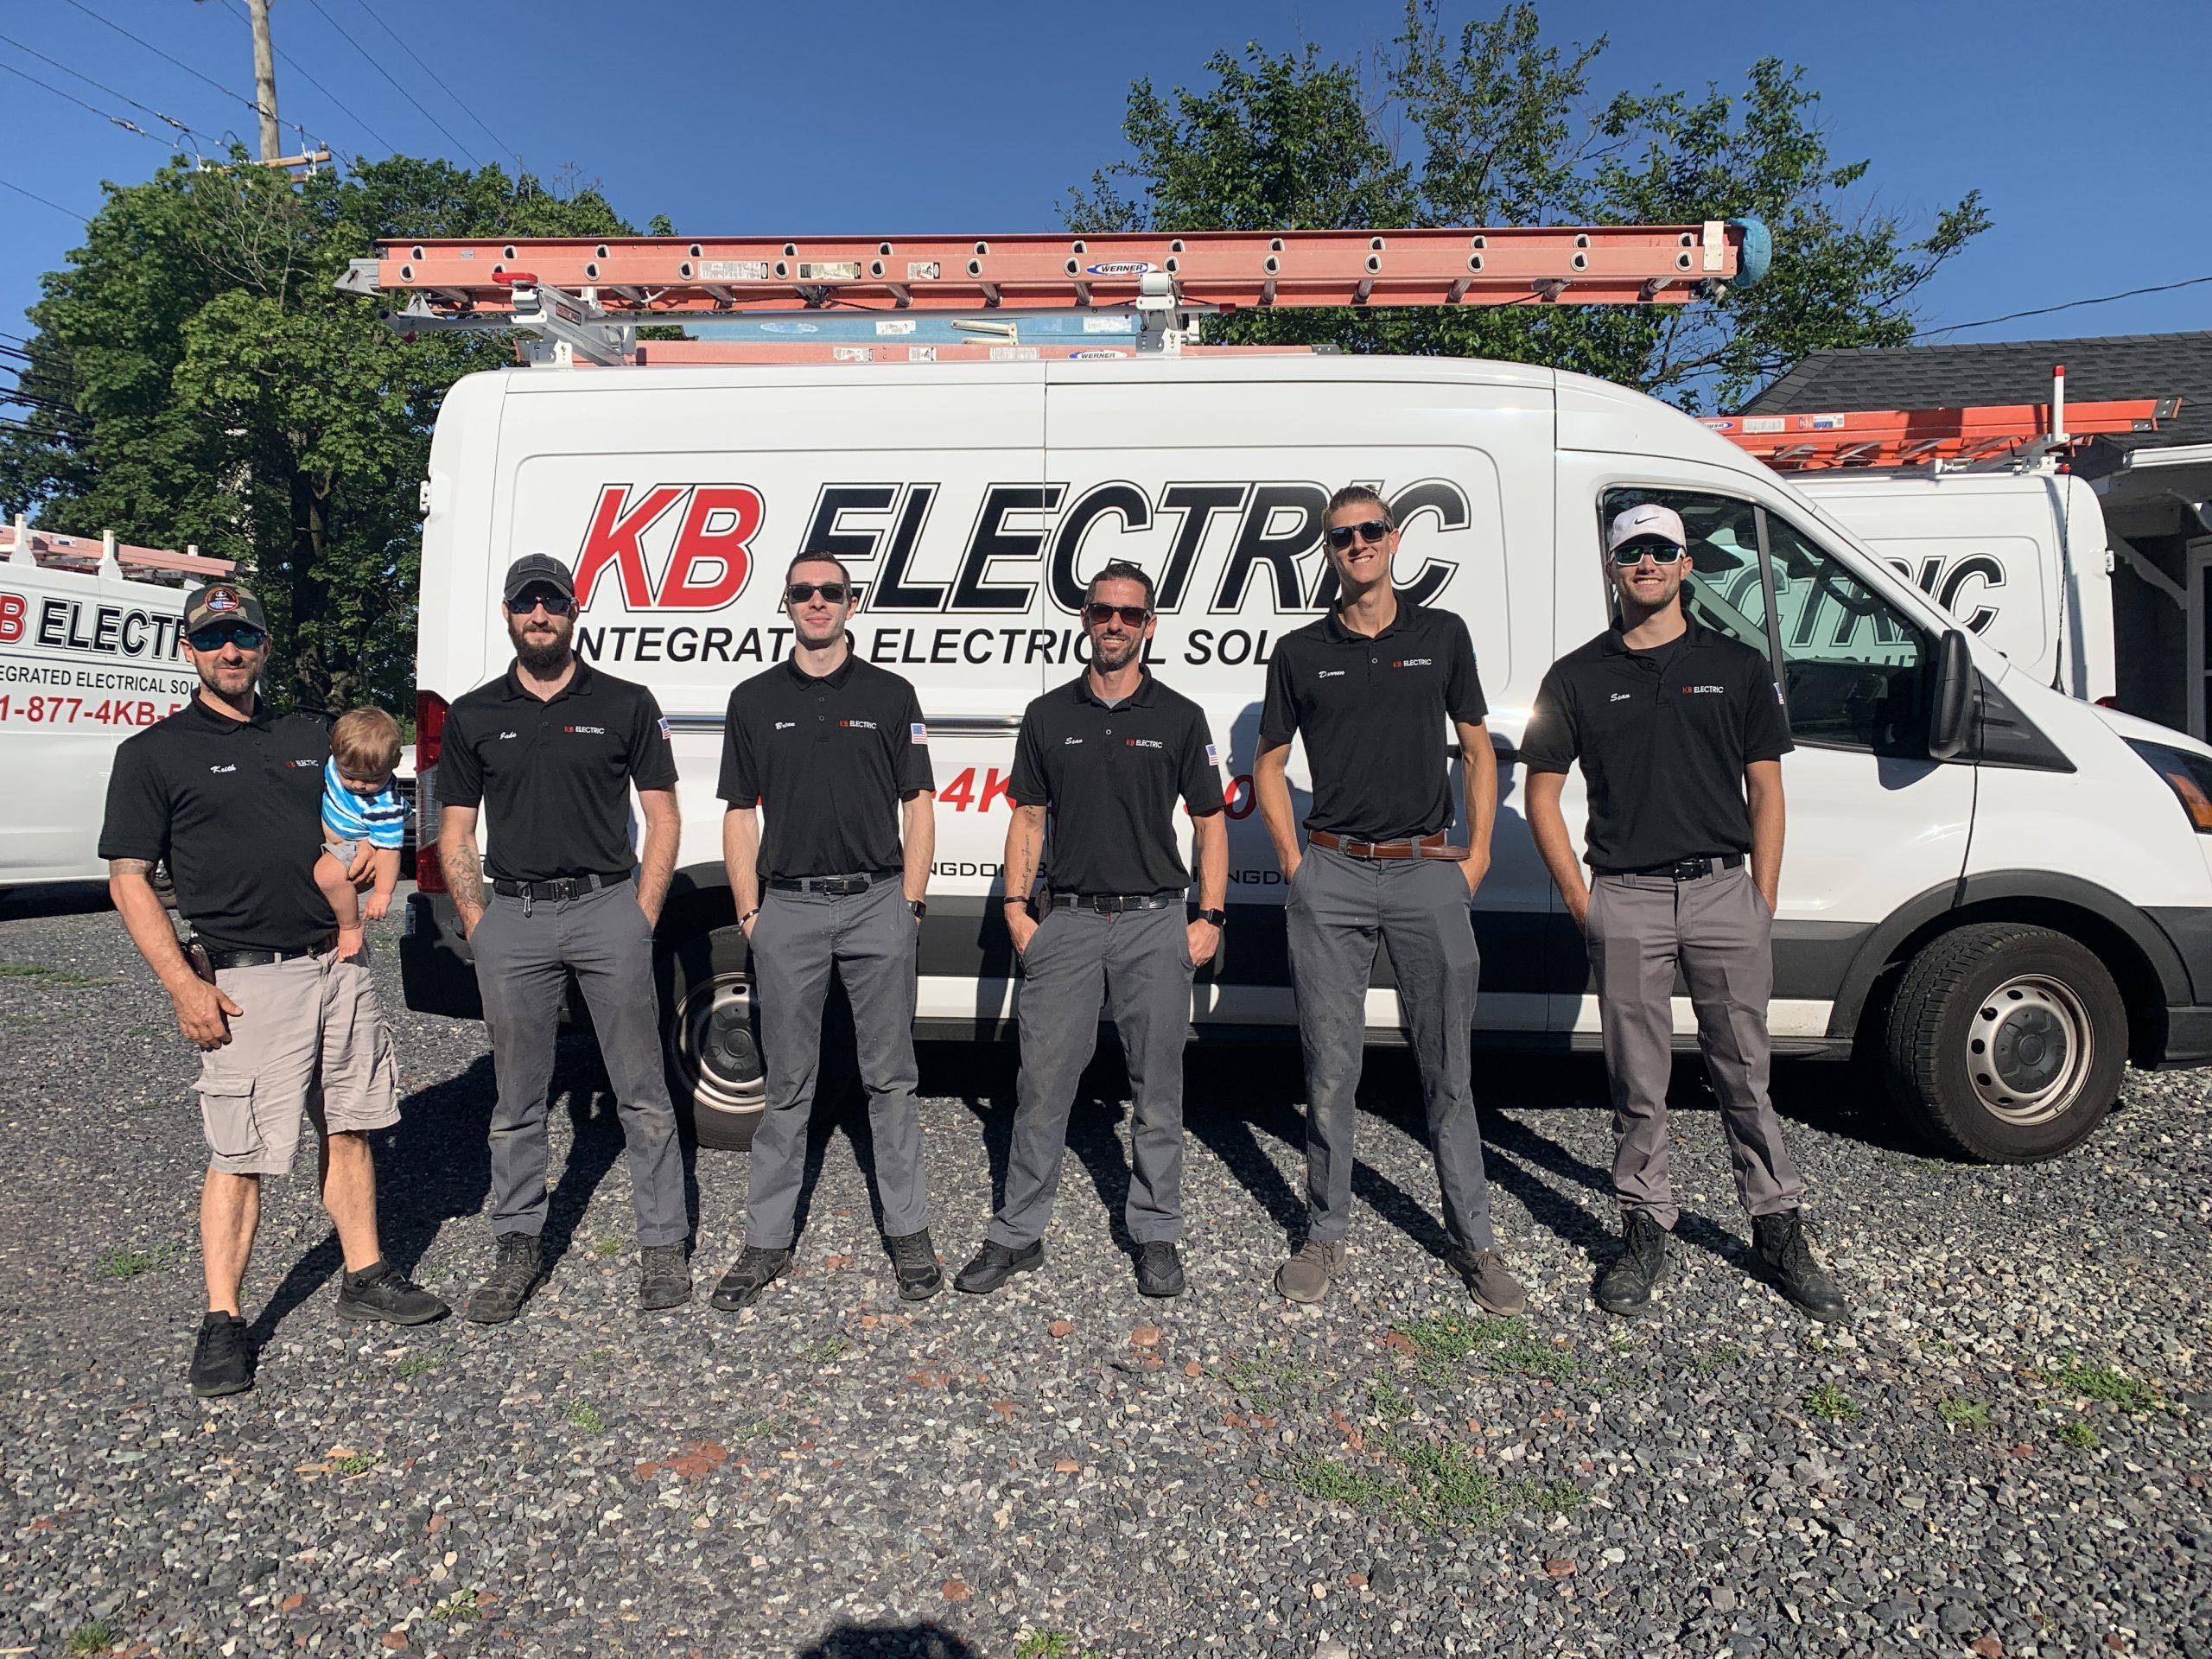 electrician in birdsboro, pa - kb electric llc